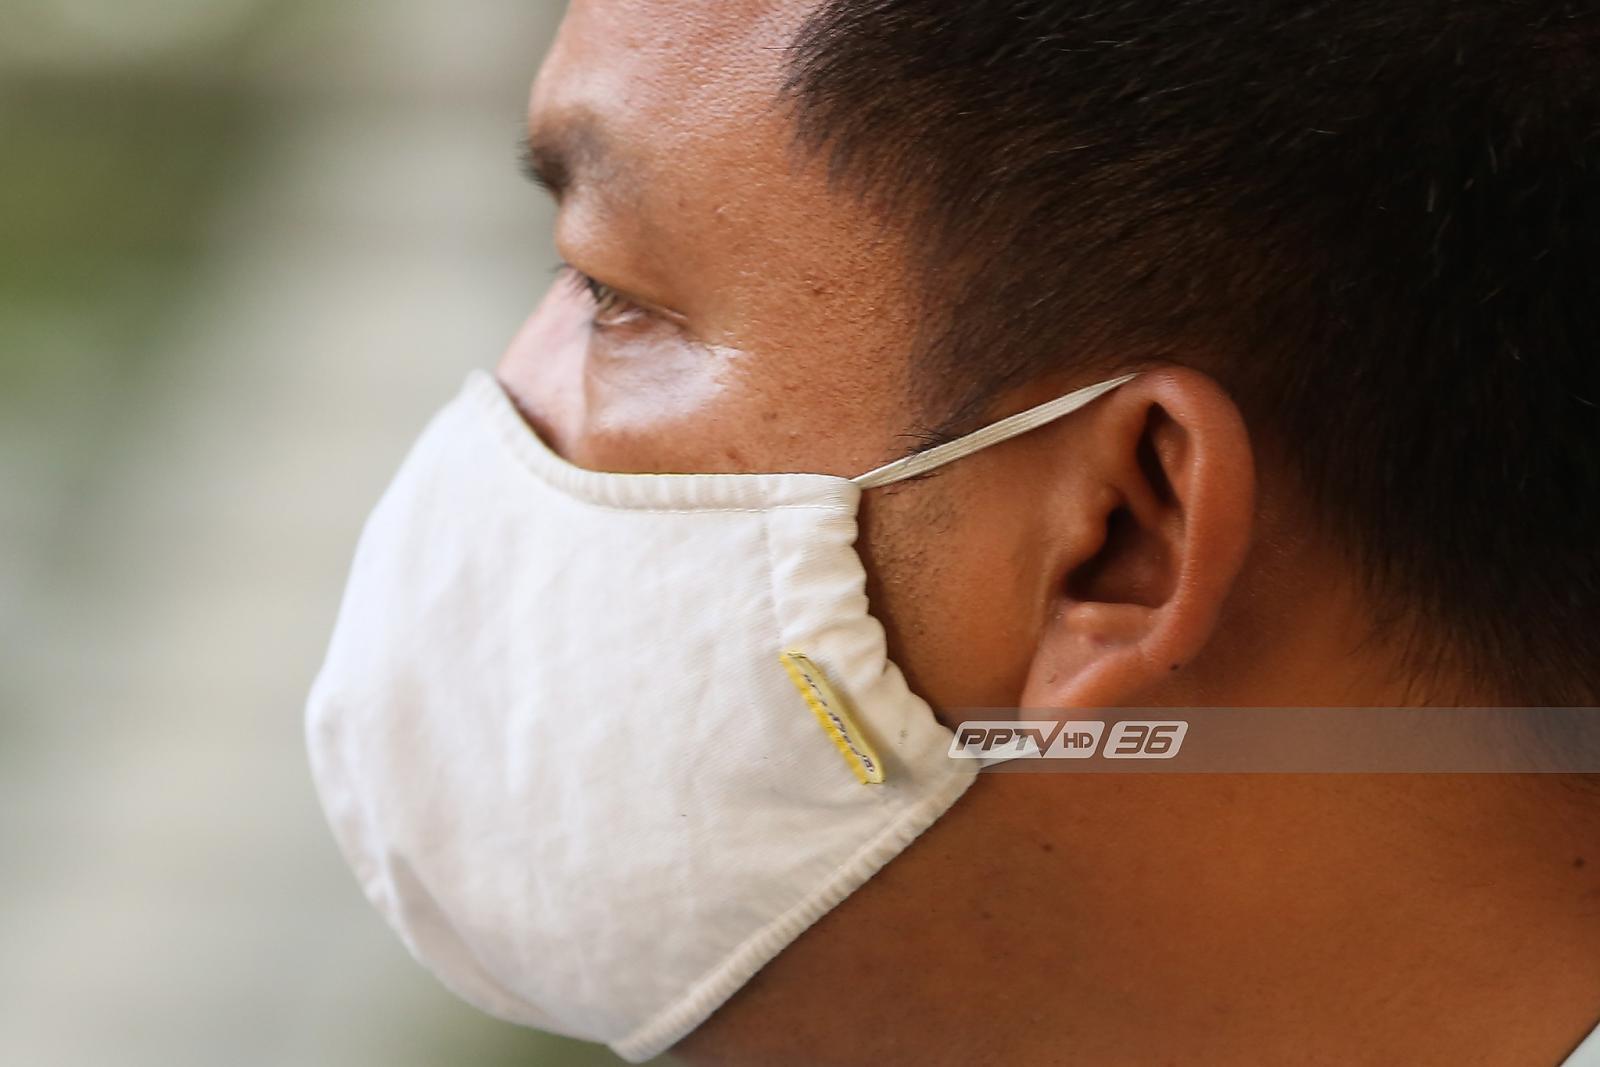 ปัญหาฝุ่นละออง กทม. ติดอันดับทำลายสุขภาพ